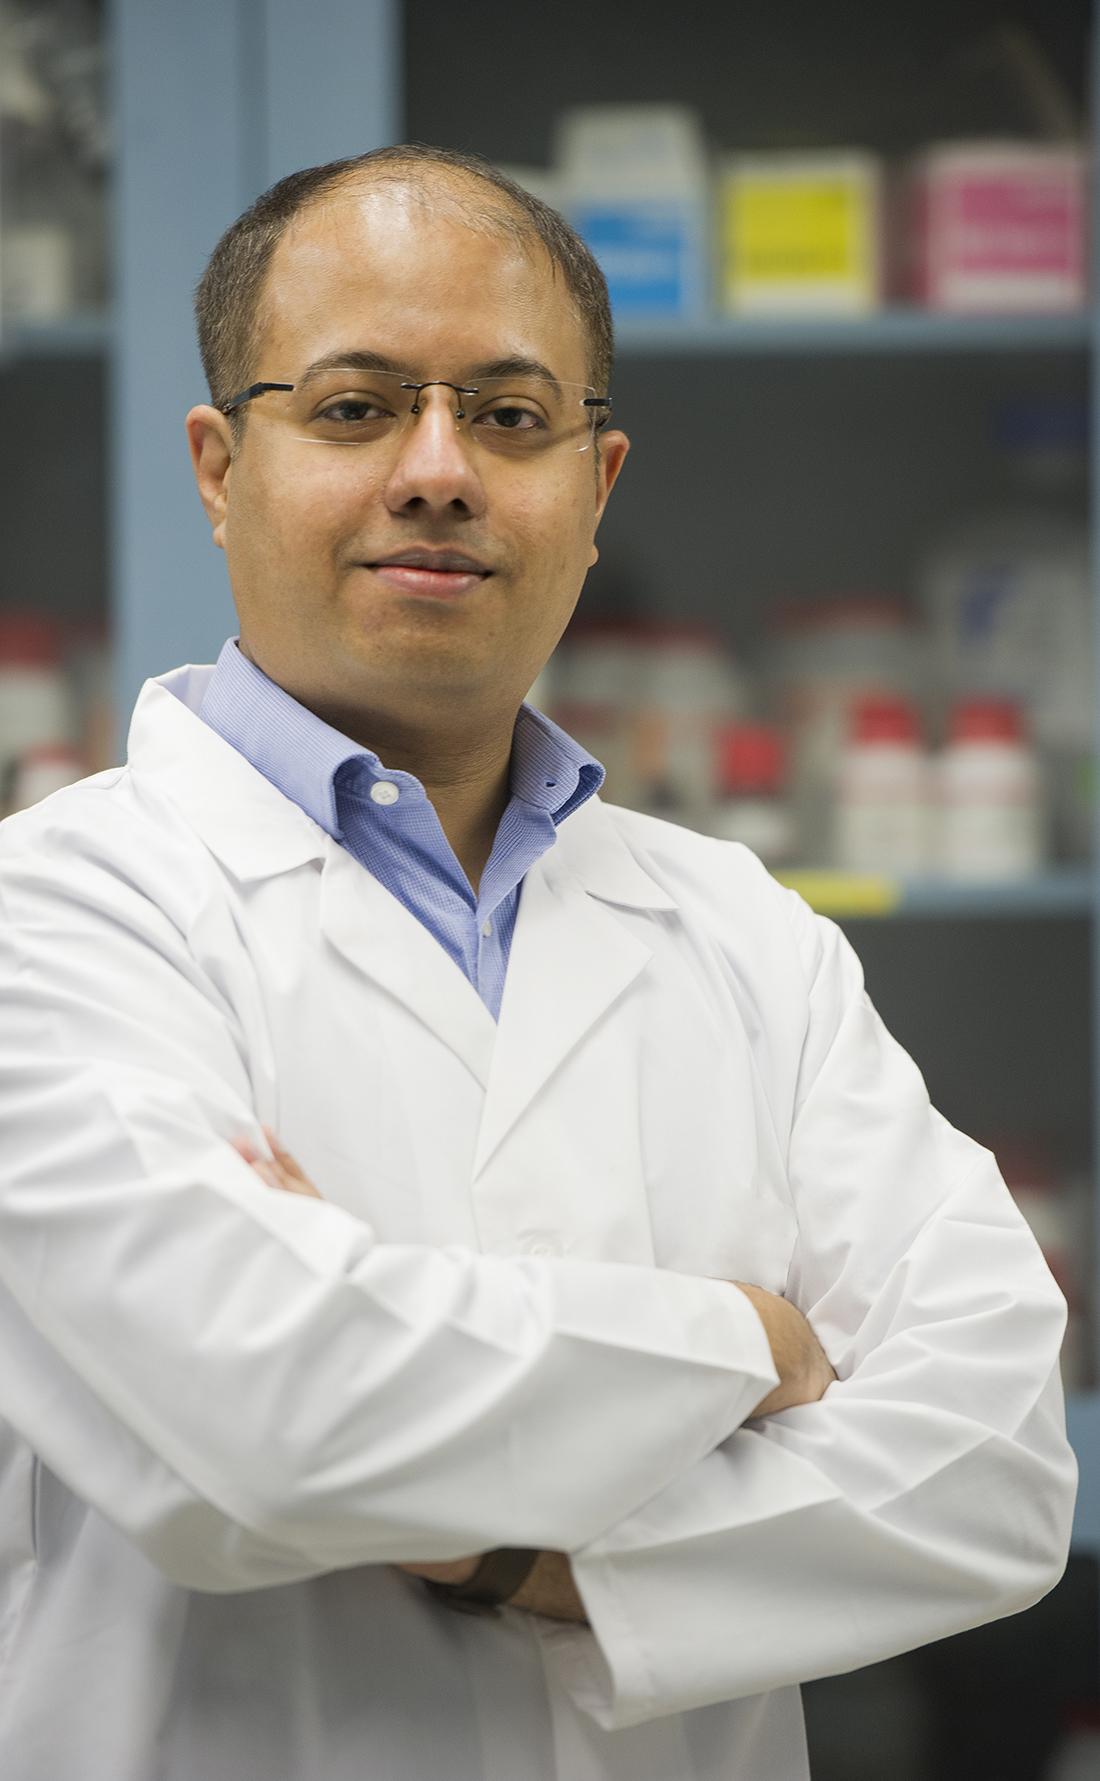 Dr. Priyam Jani